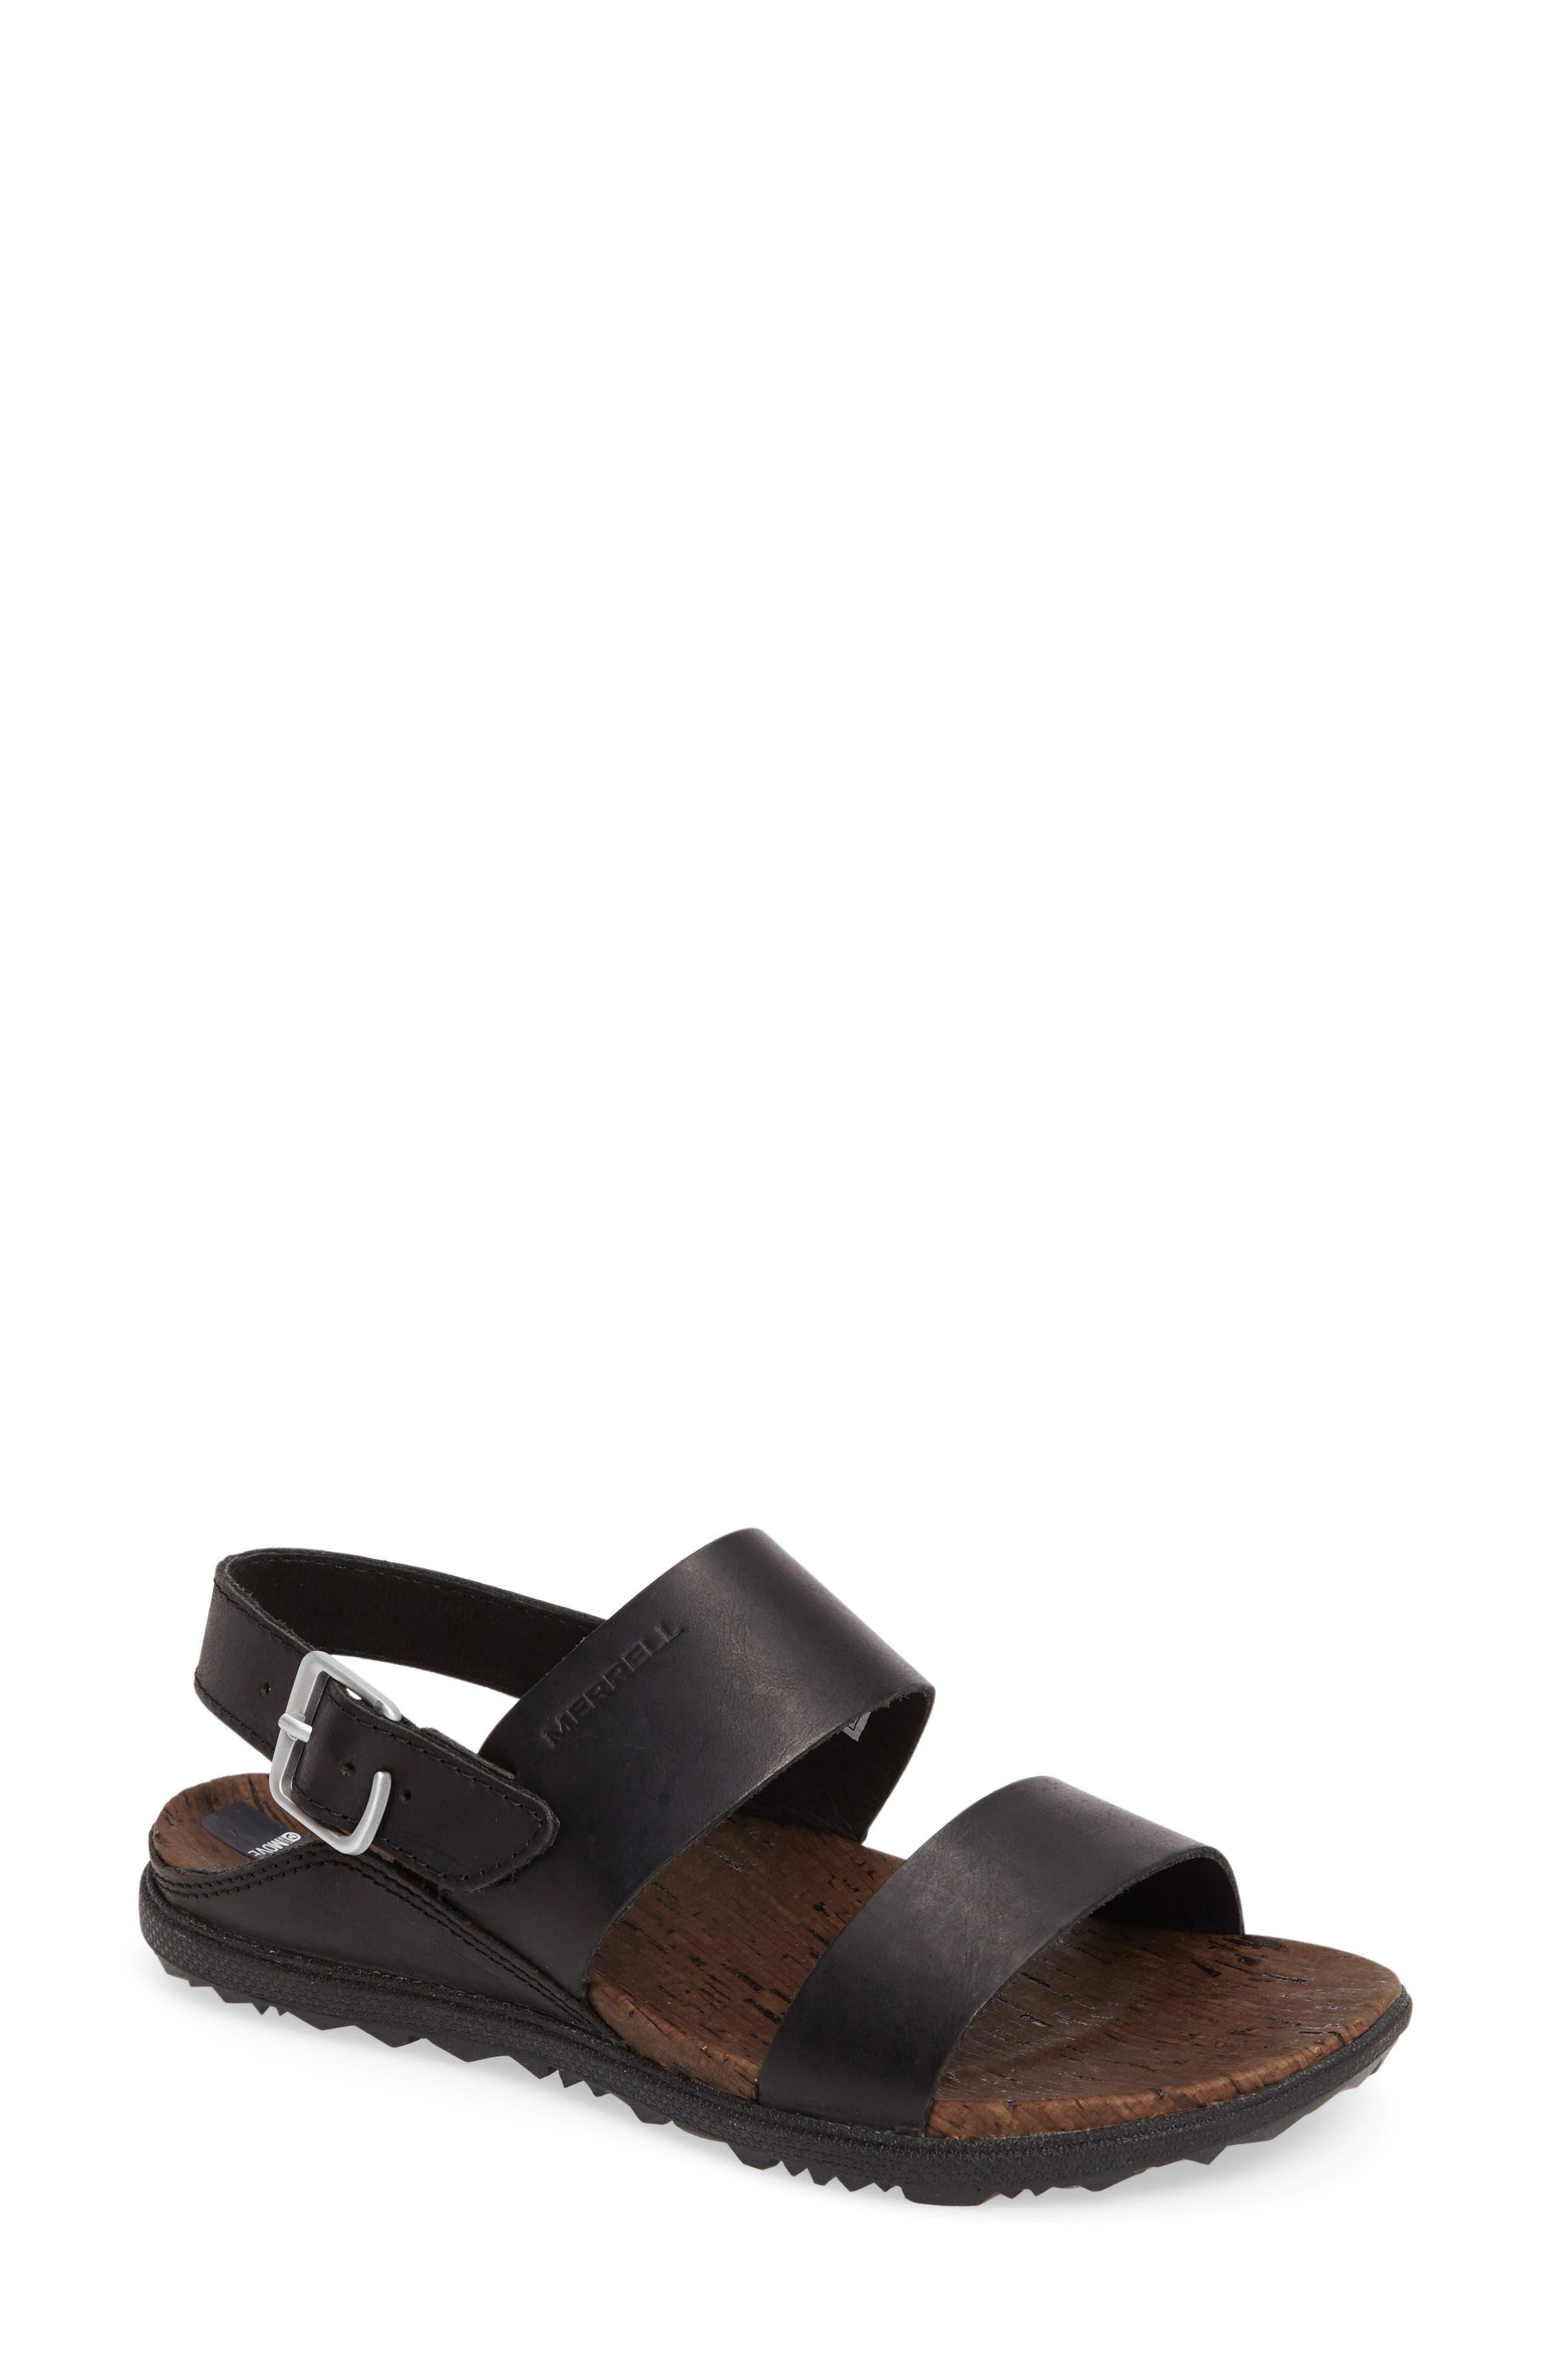 MERRELL 'Around Town' Slingback Sandal